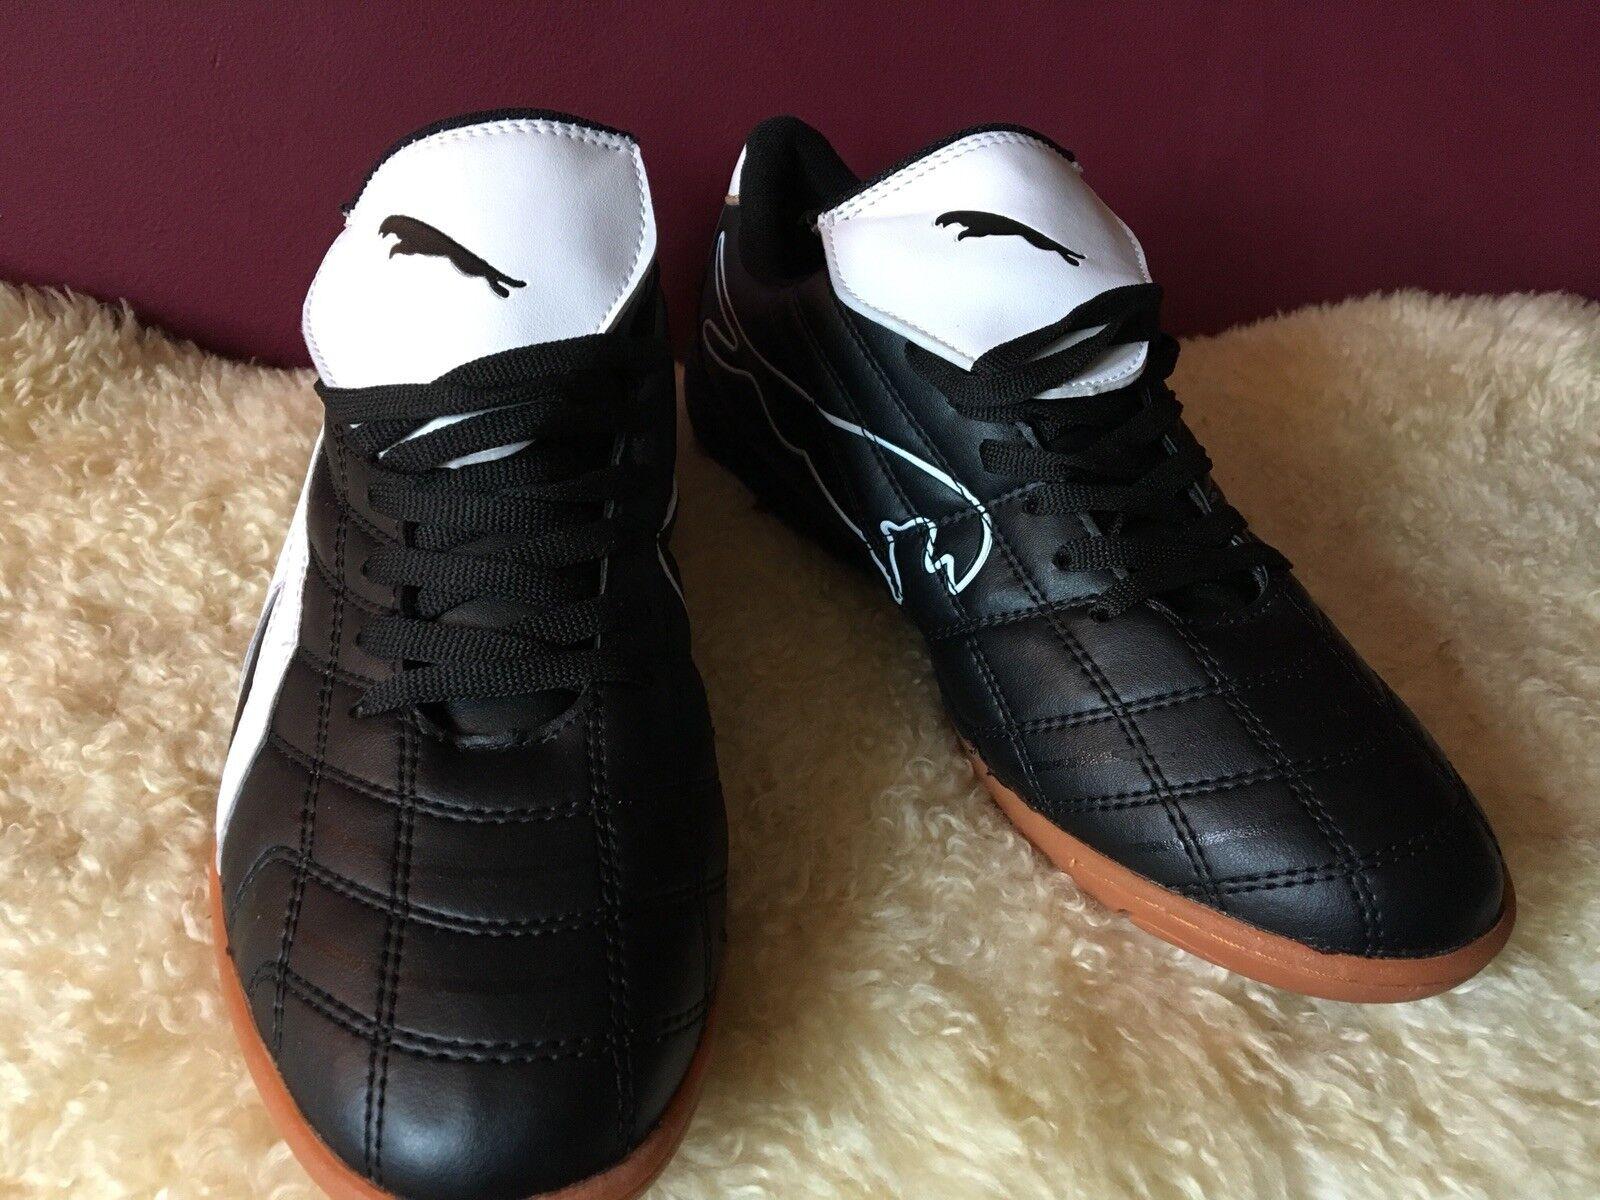 Hombres Puma Athletic Shoes Negro / Blanco temporada confortable despacho venta de temporada Blanco 32365d